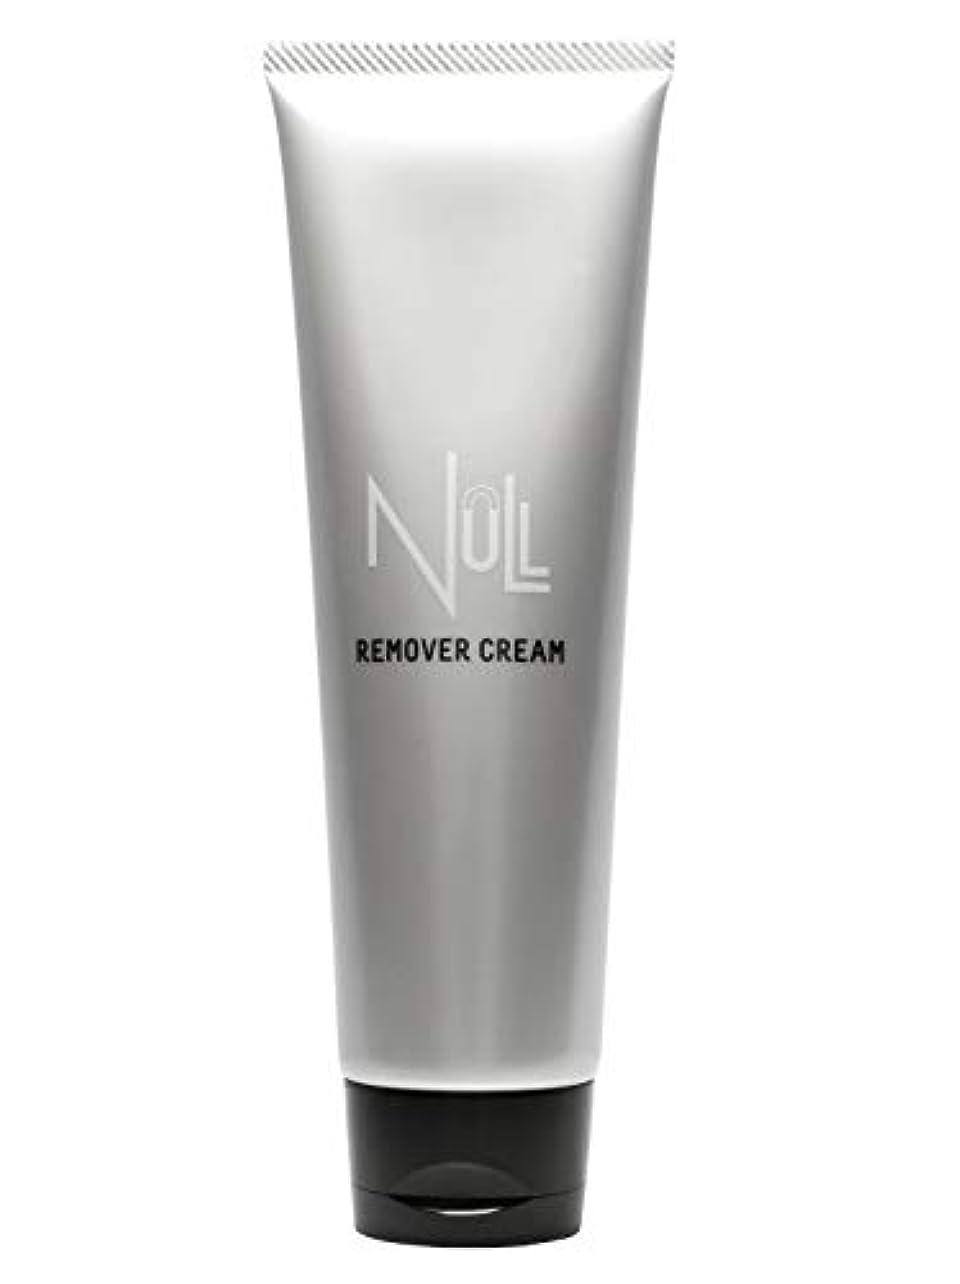 遡るせがむ災害NULL 薬用リムーバークリーム 除毛クリーム メンズ 200g [ 陰部 / アンダーヘア / Vライン / ボディ用 ]